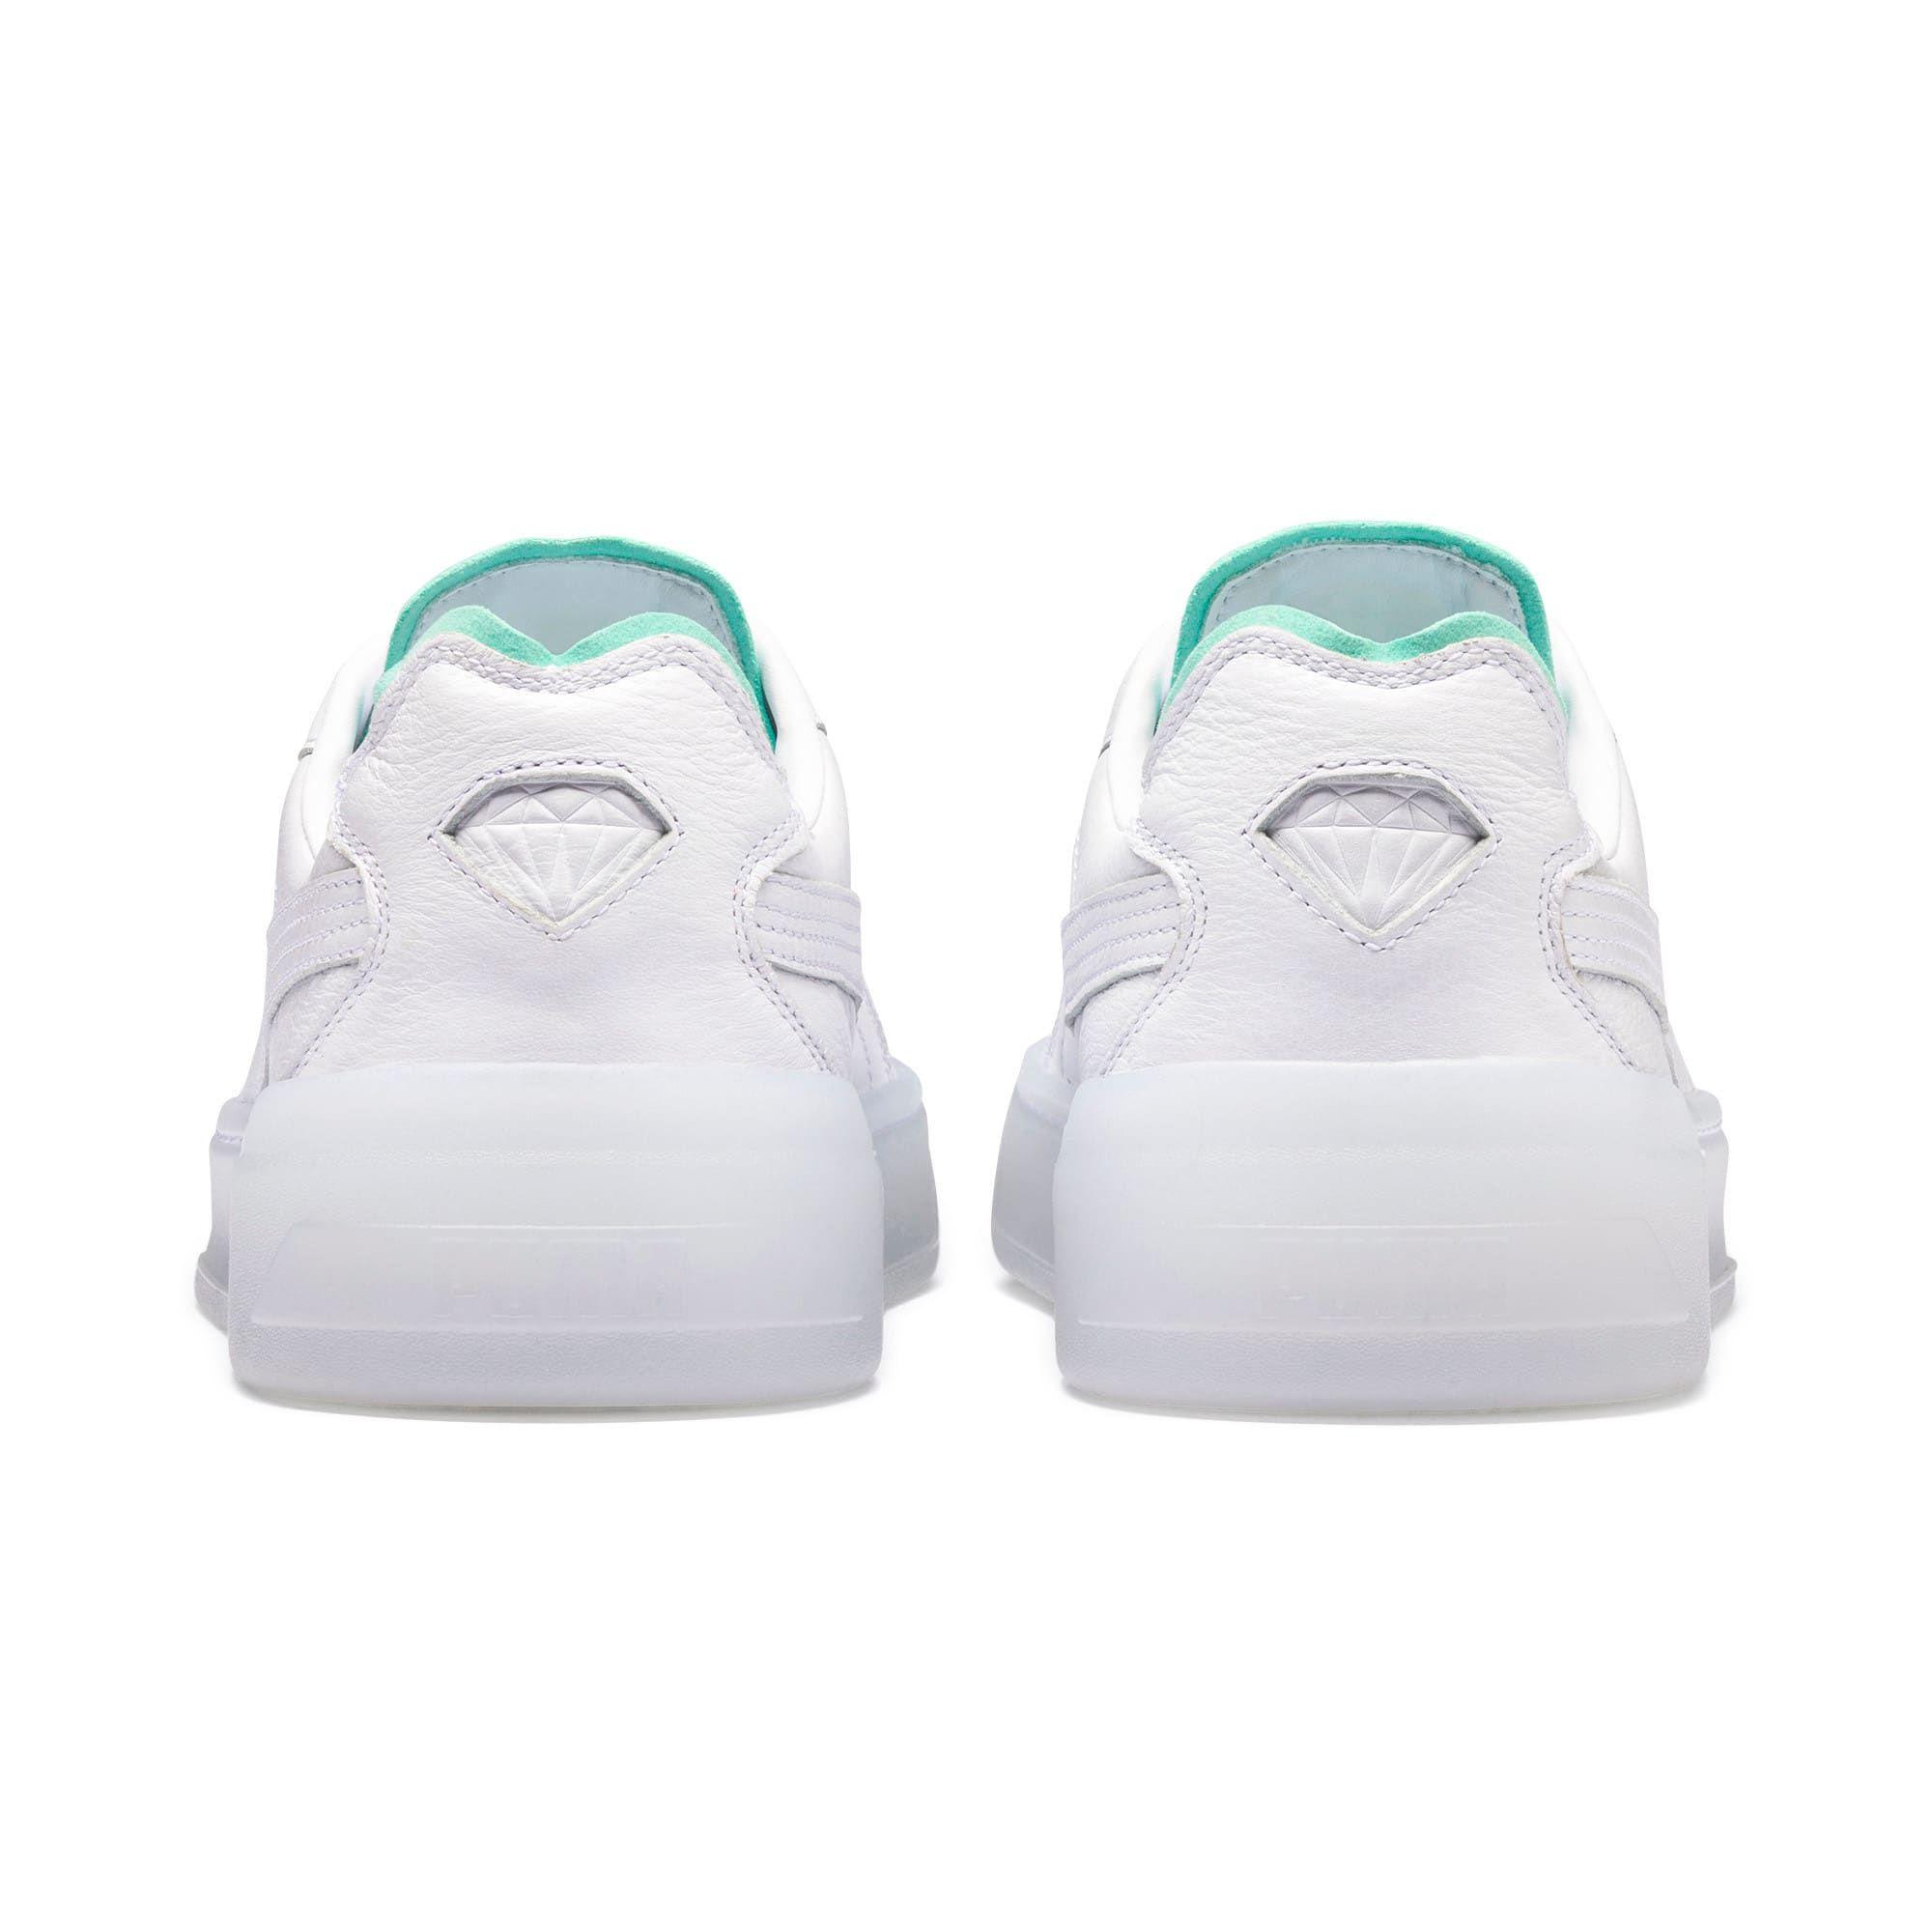 Men's PUMA x Diamond Cali0 Supply Trainers in White size